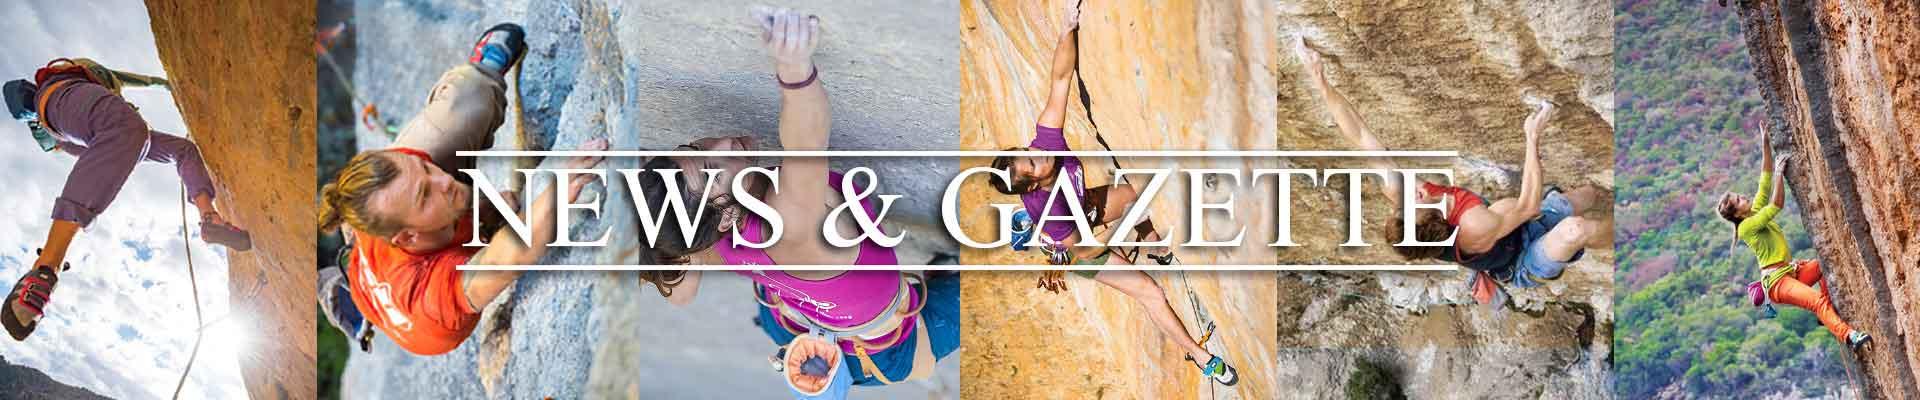 news et gazette des falaises des grimpeurs et grimpeuses du team eb